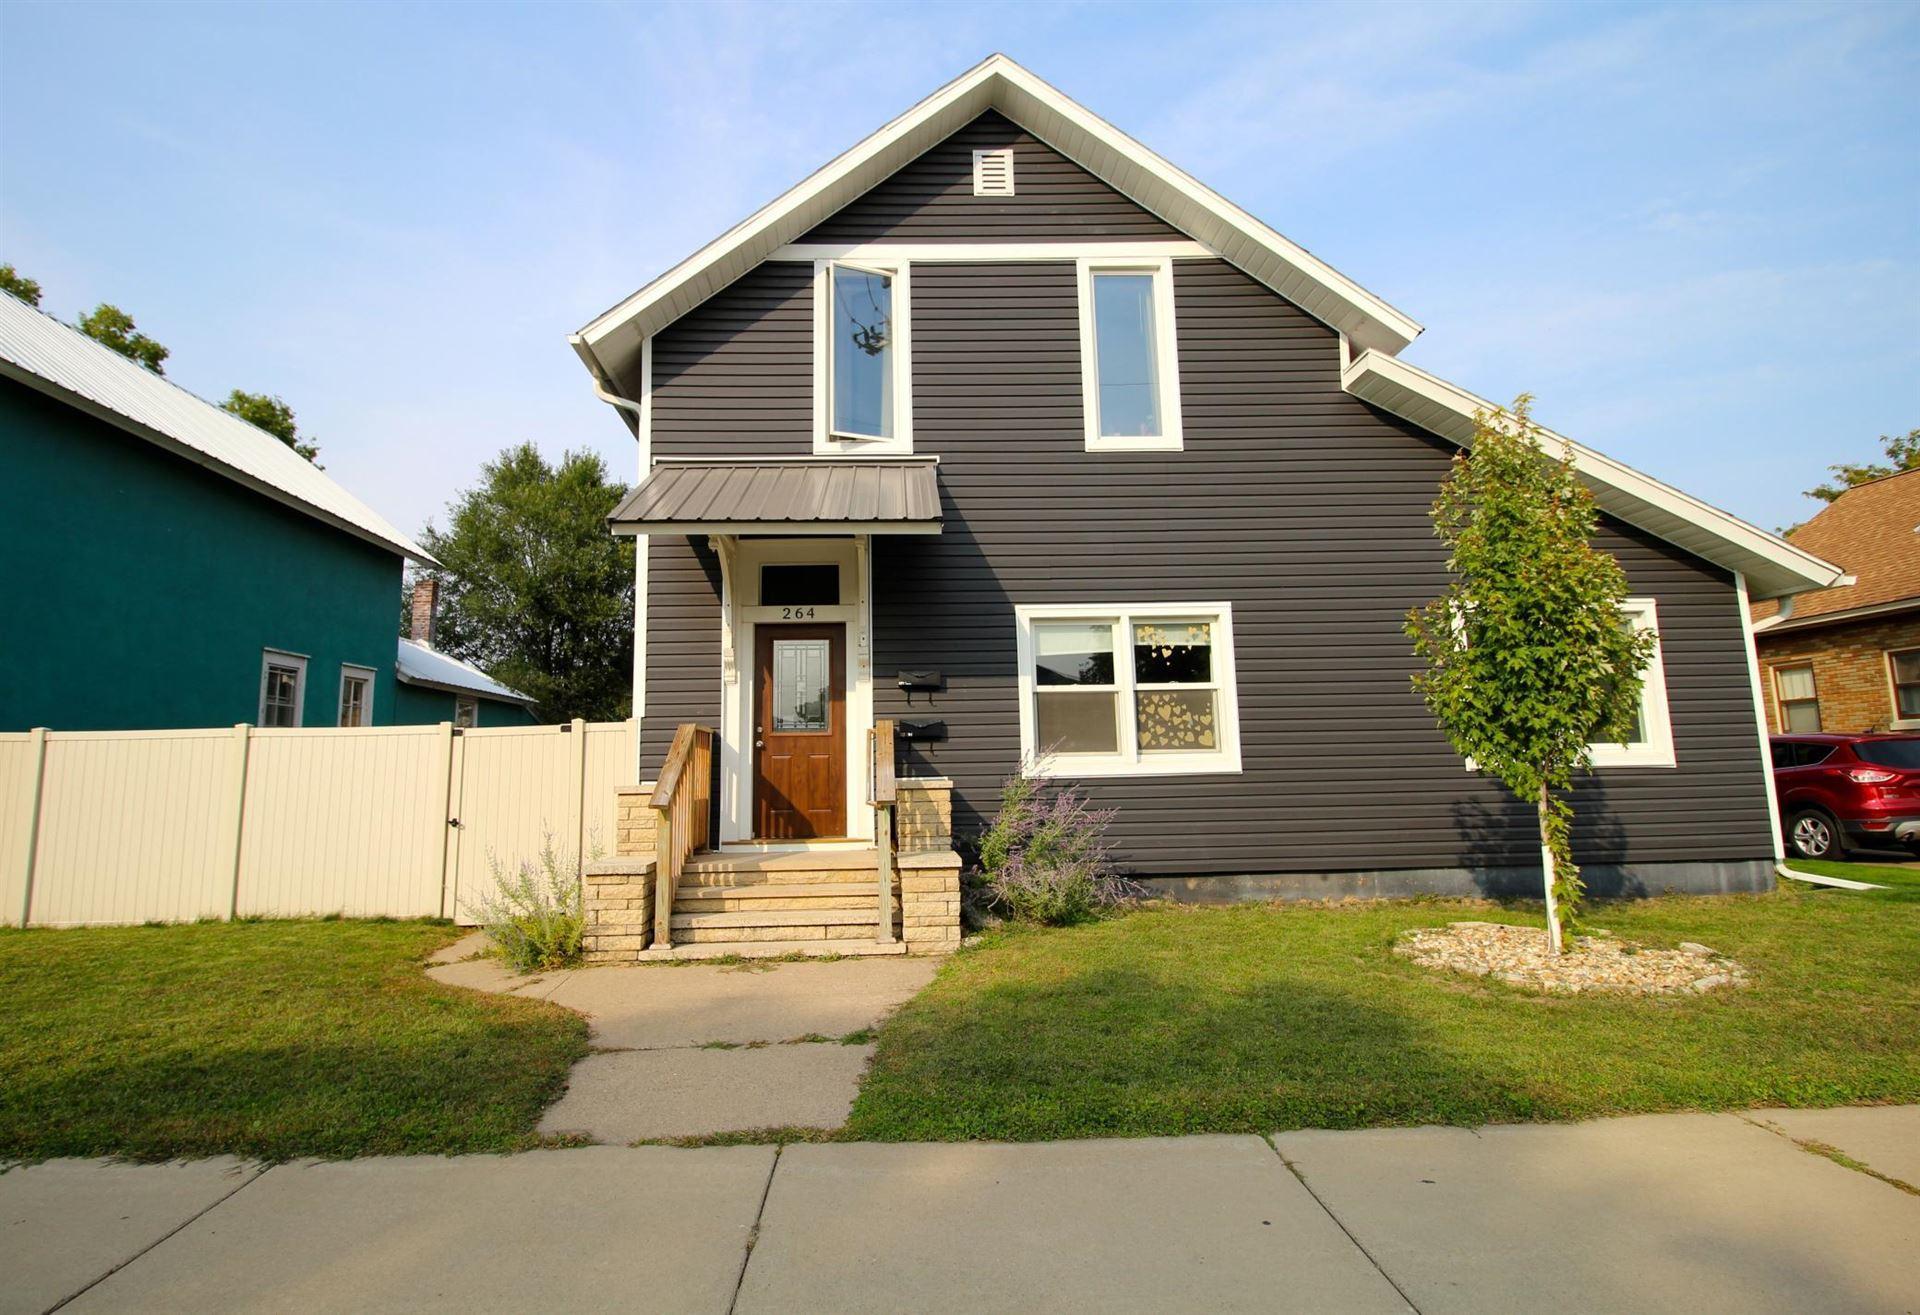 264 E 5th Street, Winona, MN 55987 - MLS#: 5662352